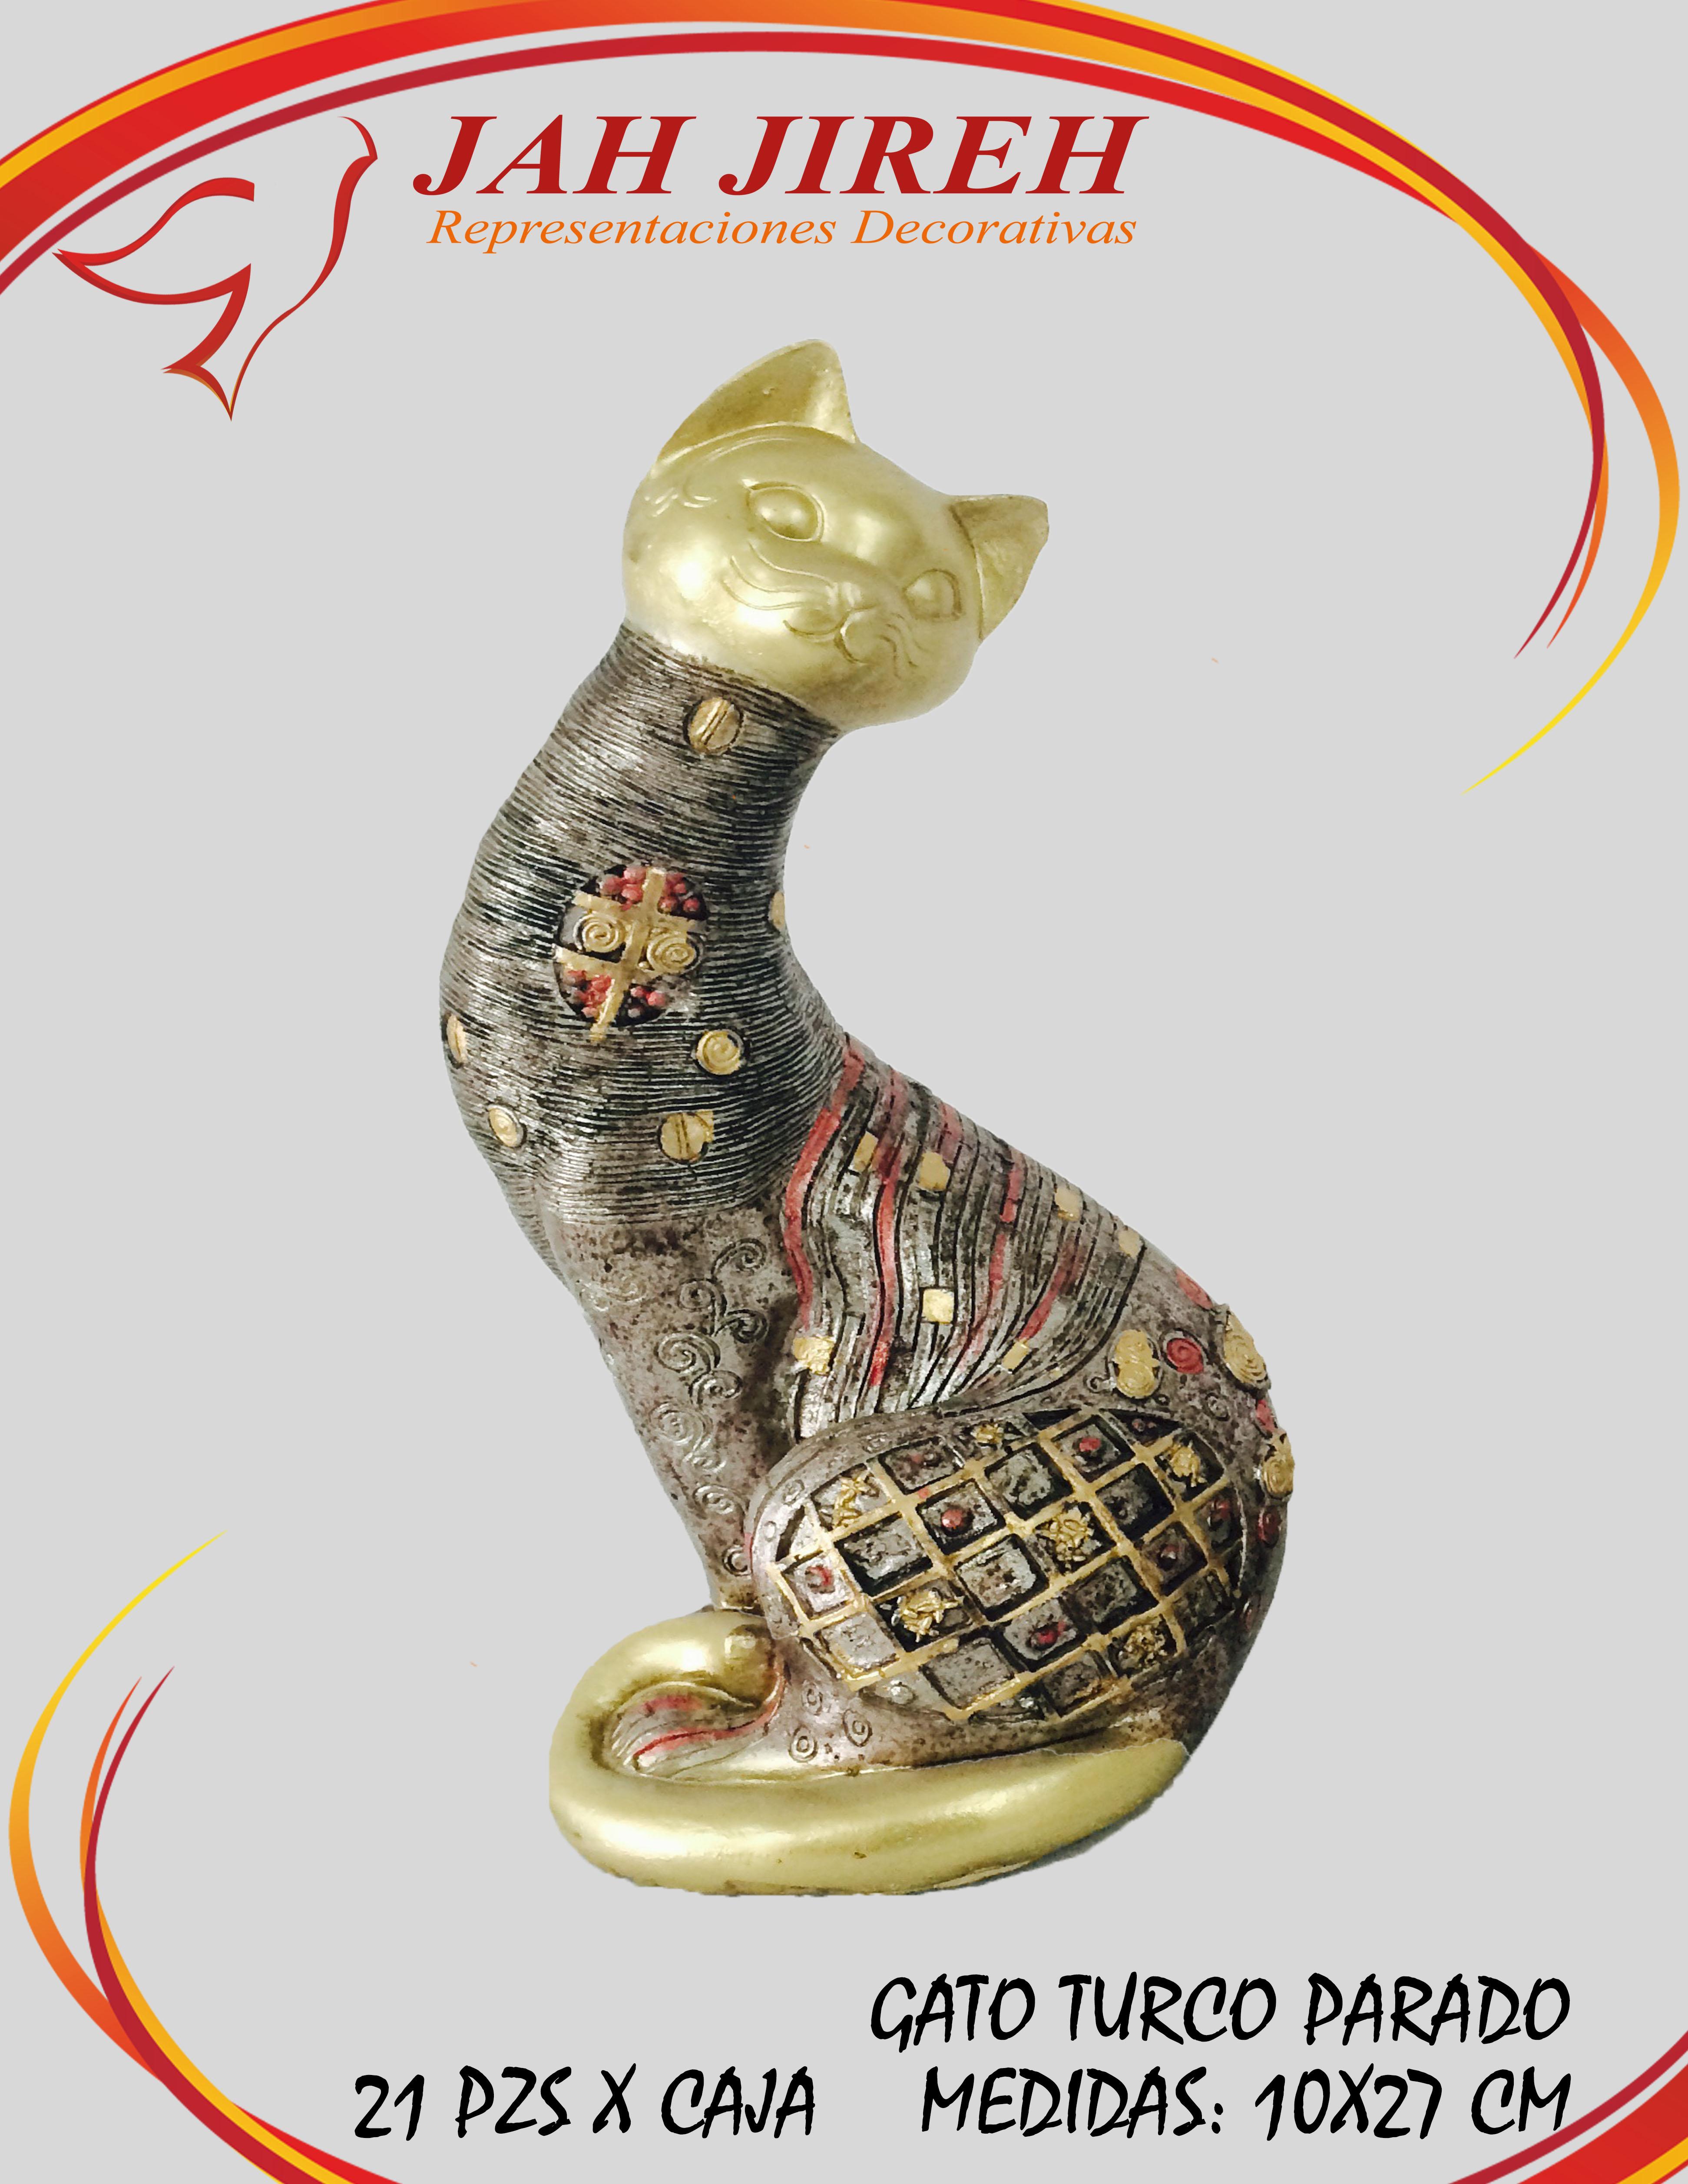 https://0201.nccdn.net/1_2/000/000/13c/9a4/gato-turco-parado.jpg